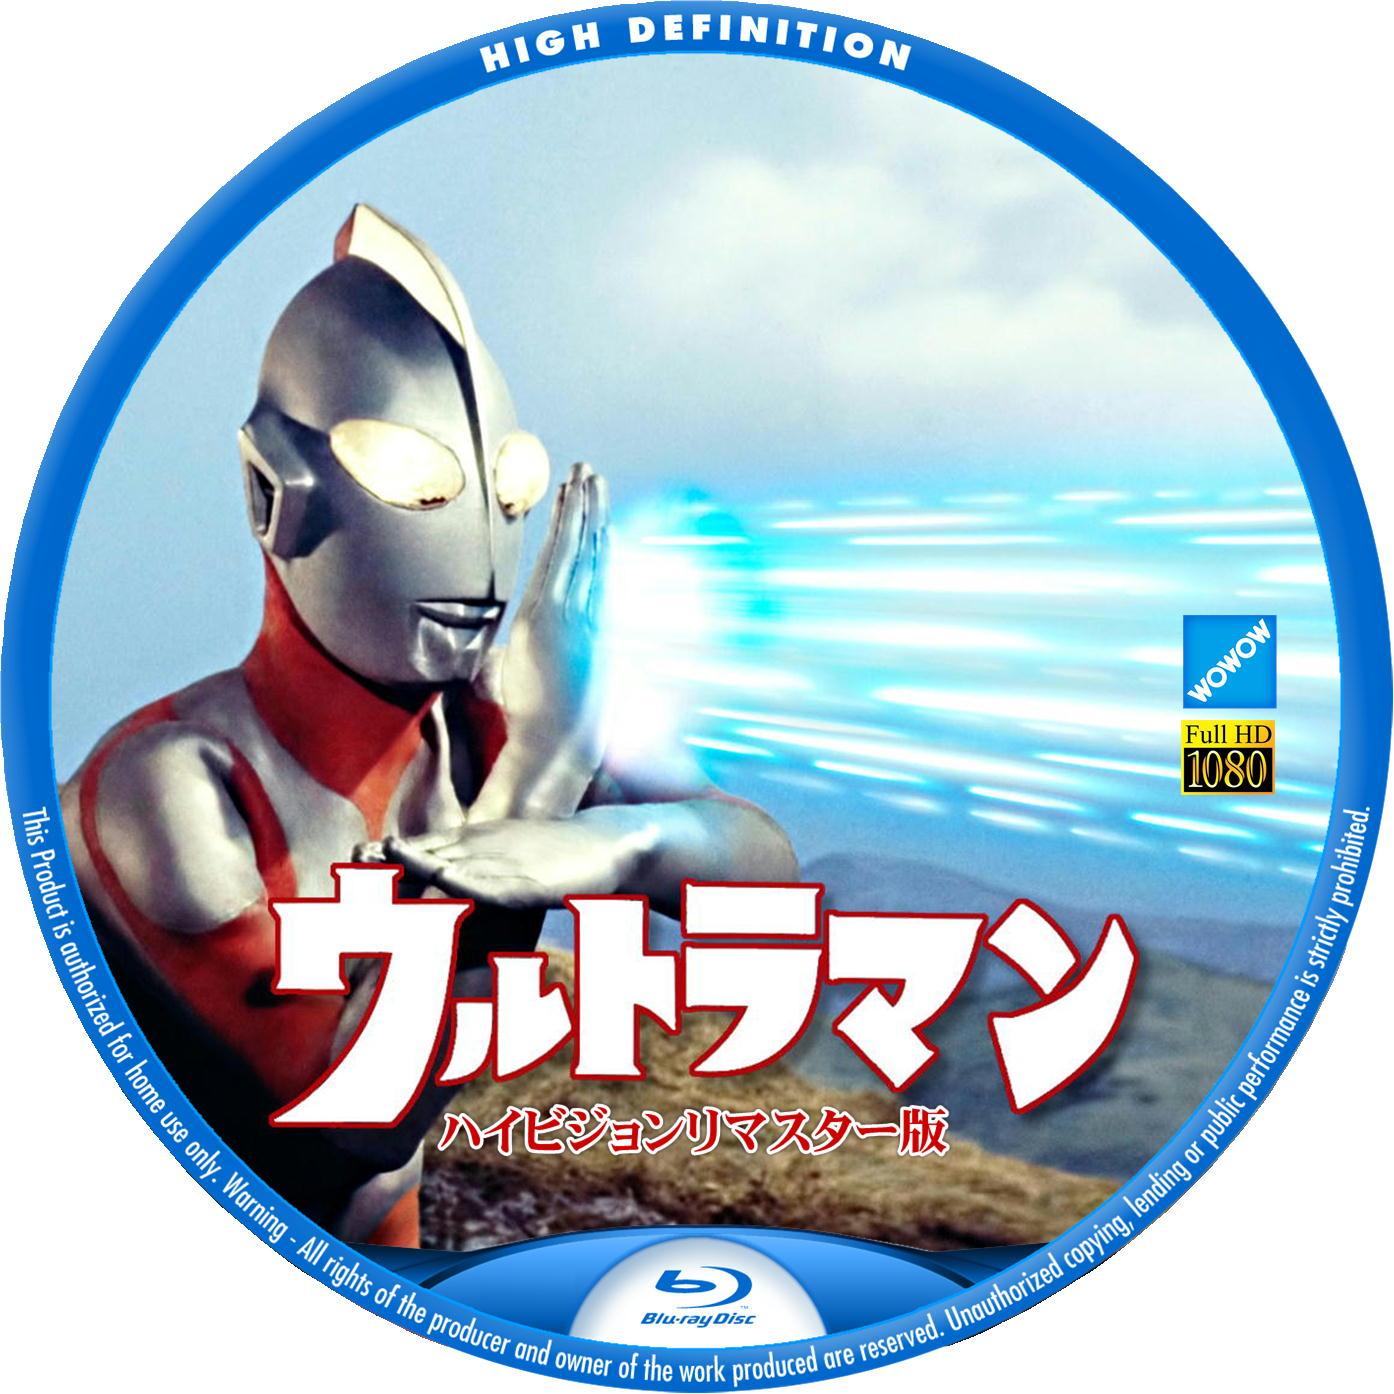 ウルトラマン Blu-rayラベル